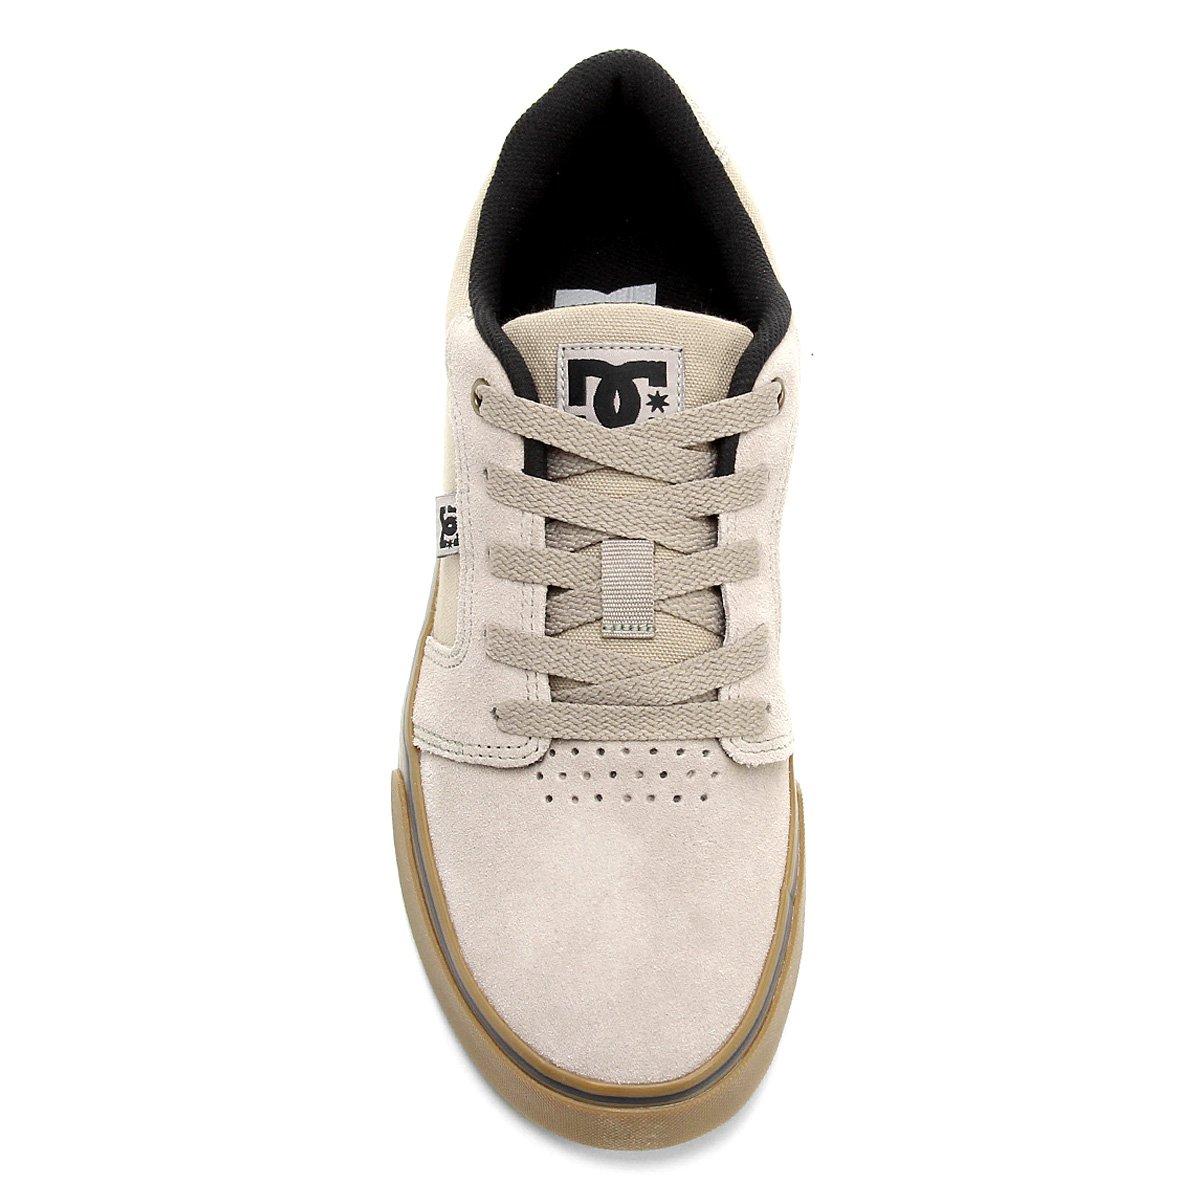 Tênis DC Shoes Anvil La Masculino - Creme - Compre Agora  15c5a5751326b